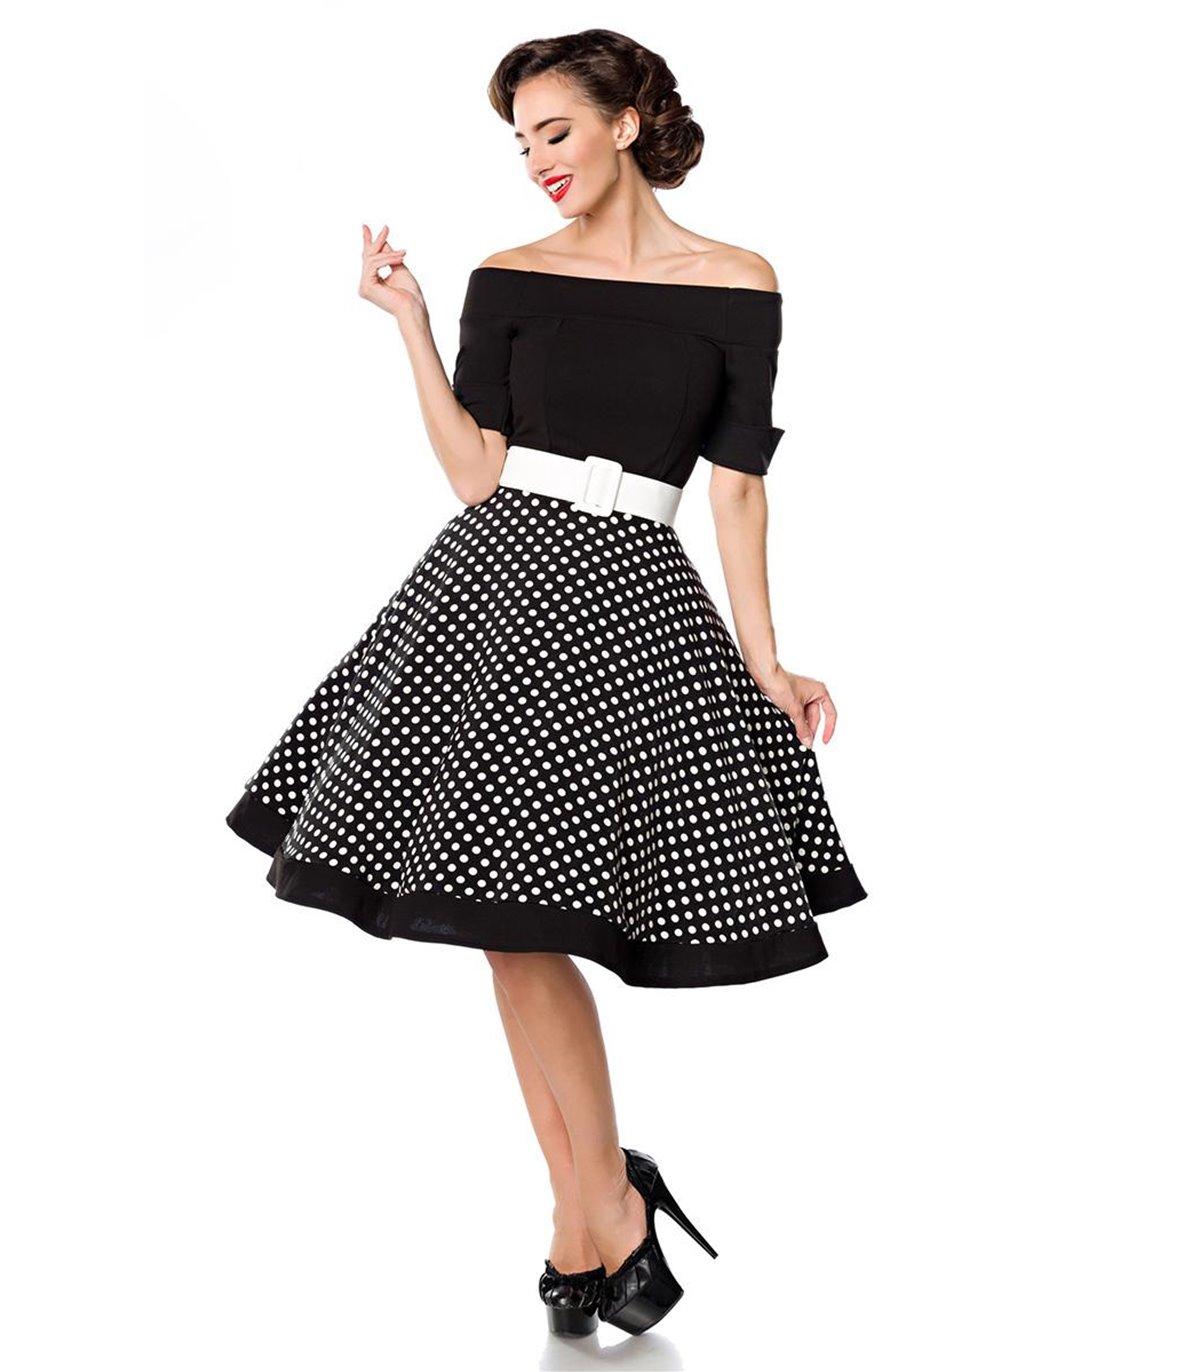 Belsira schulterfreies Swing-Kleid schwarz/weiss - midi ...